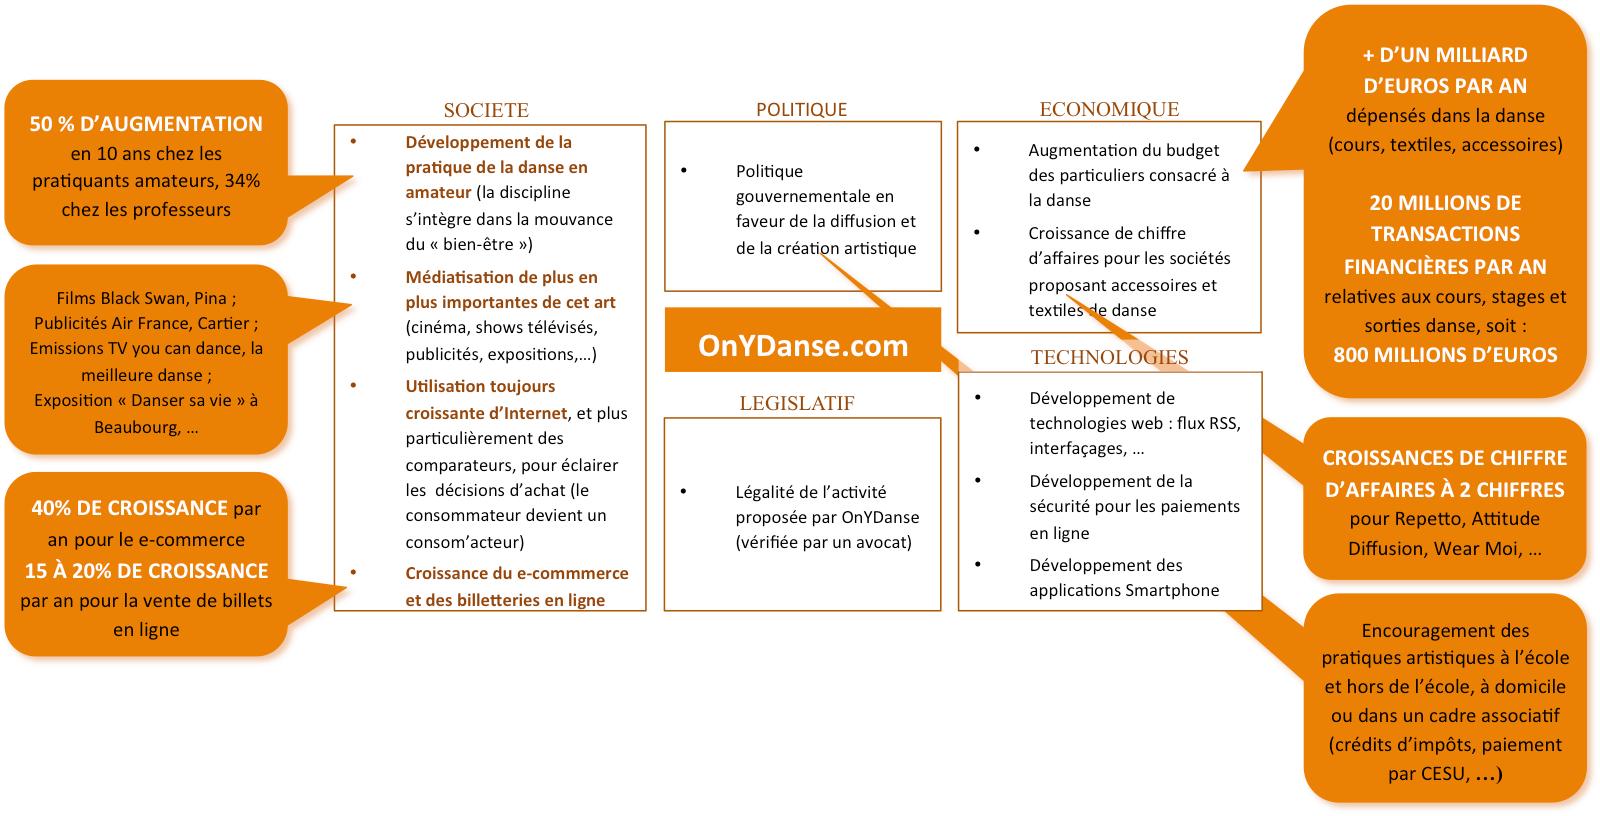 Exemple de modèle PESTEL pour dossier de financement